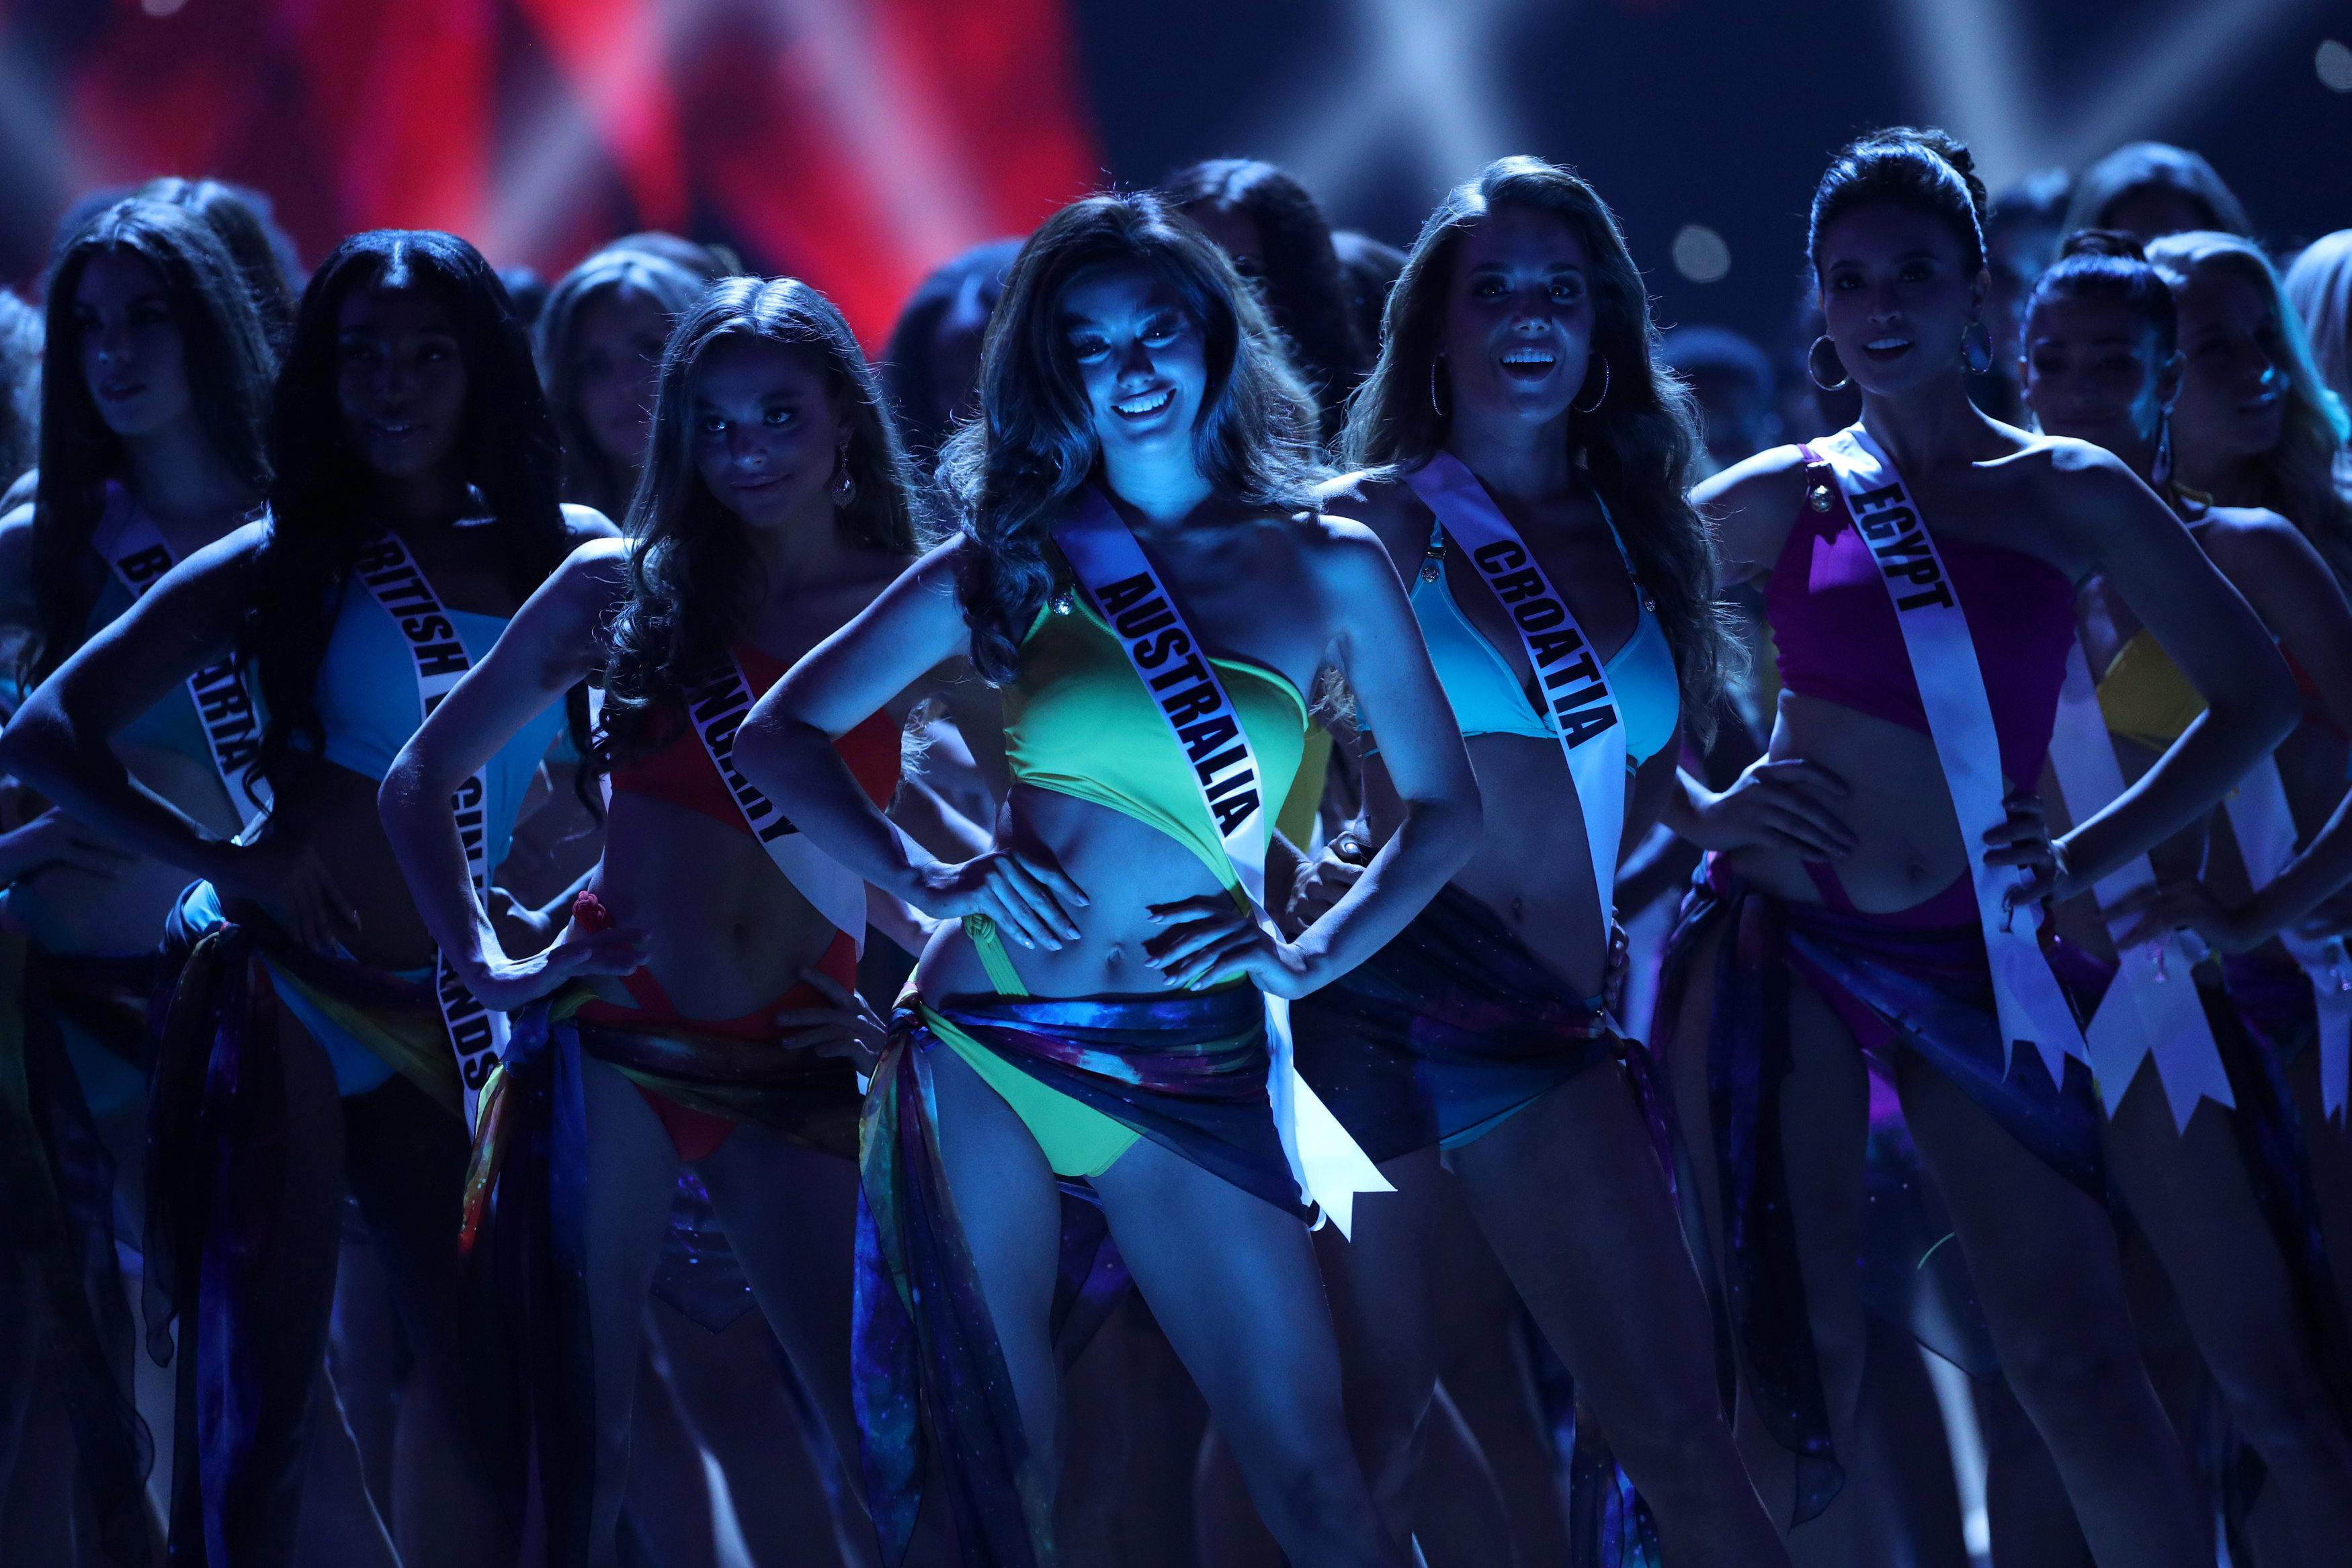 مسابقة ملكة جمال الكون من بانكوك (7)